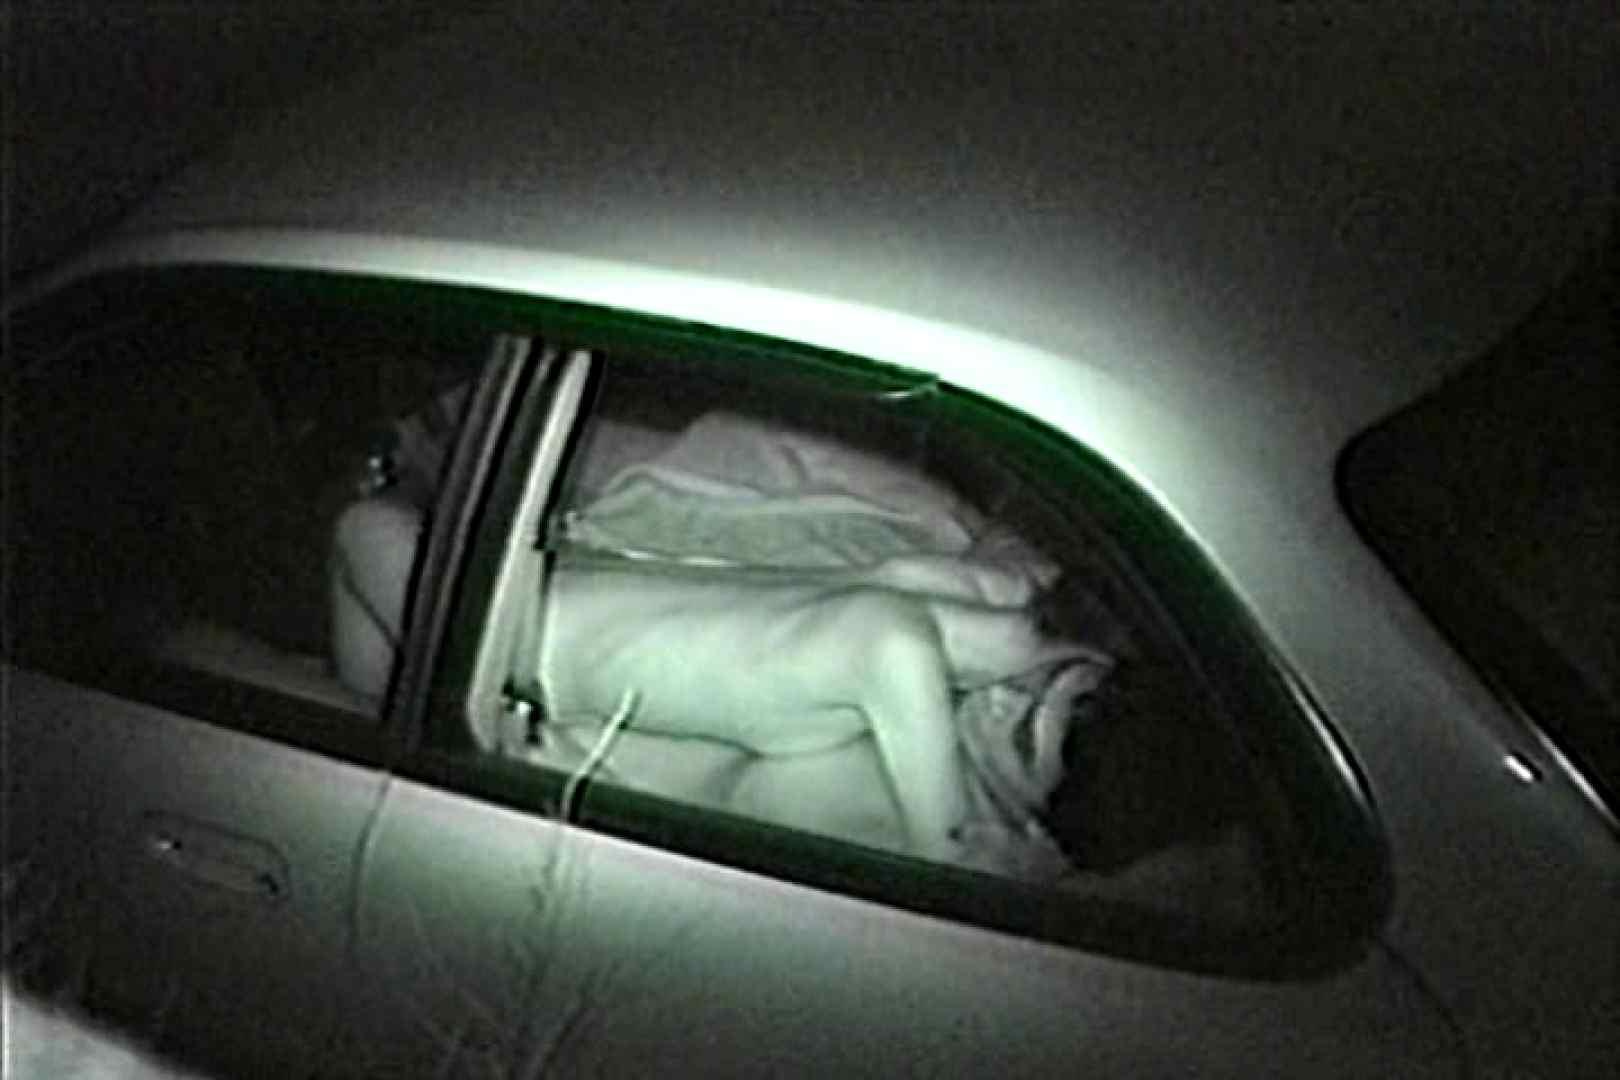 車の中はラブホテル 無修正版  Vol.7 接写 AV無料動画キャプチャ 84pic 2